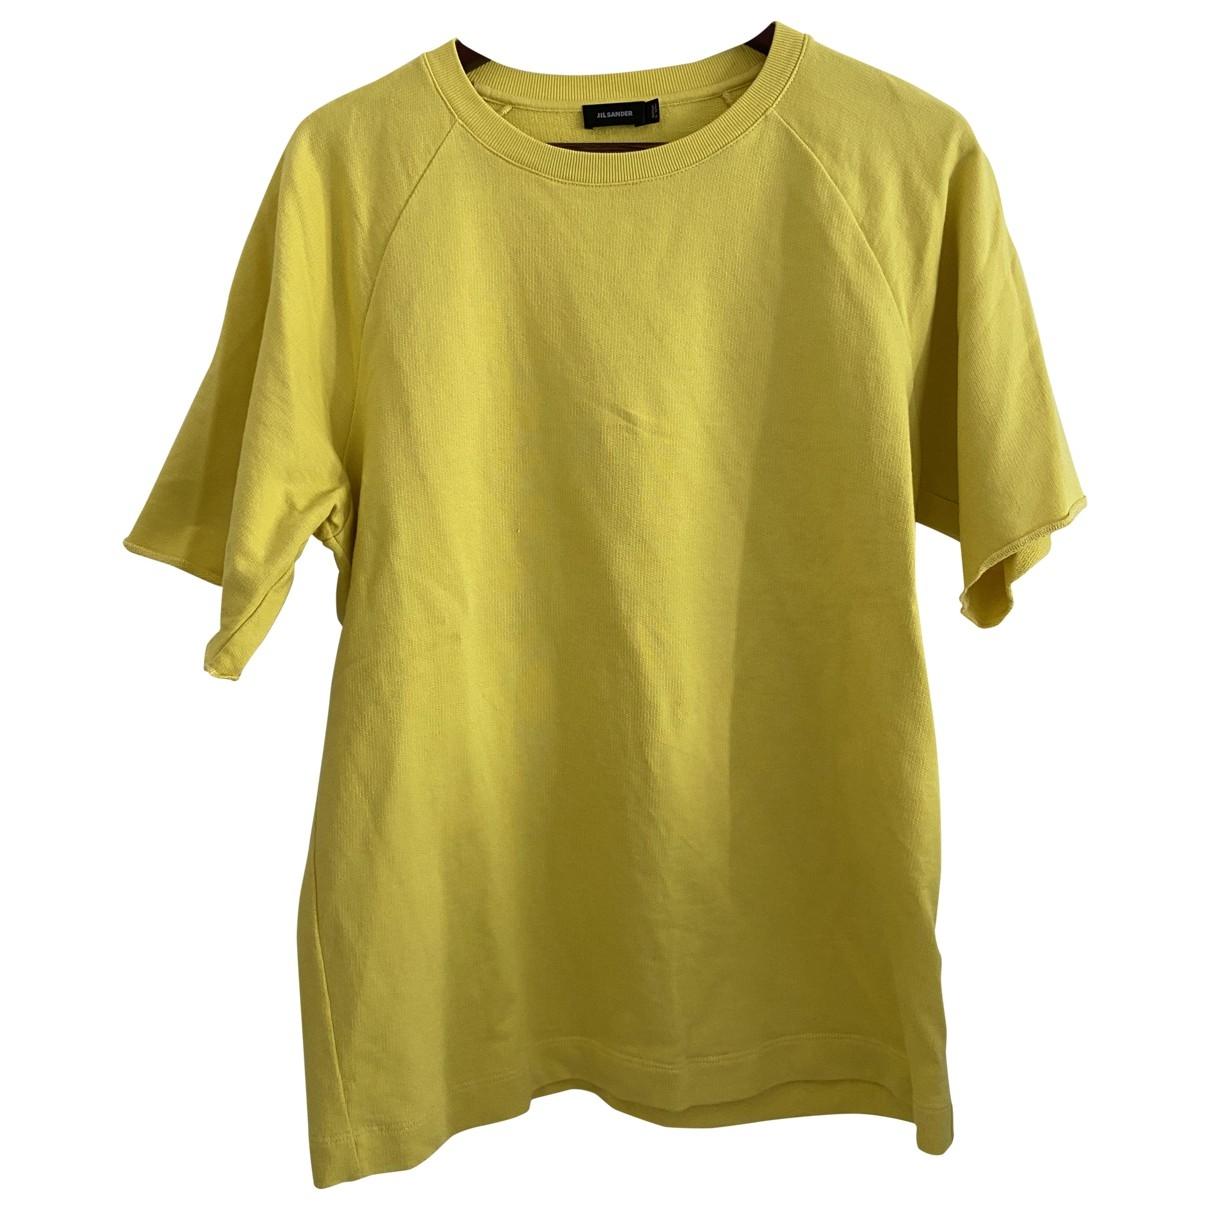 Jil Sander - Tee shirts   pour homme en coton - jaune